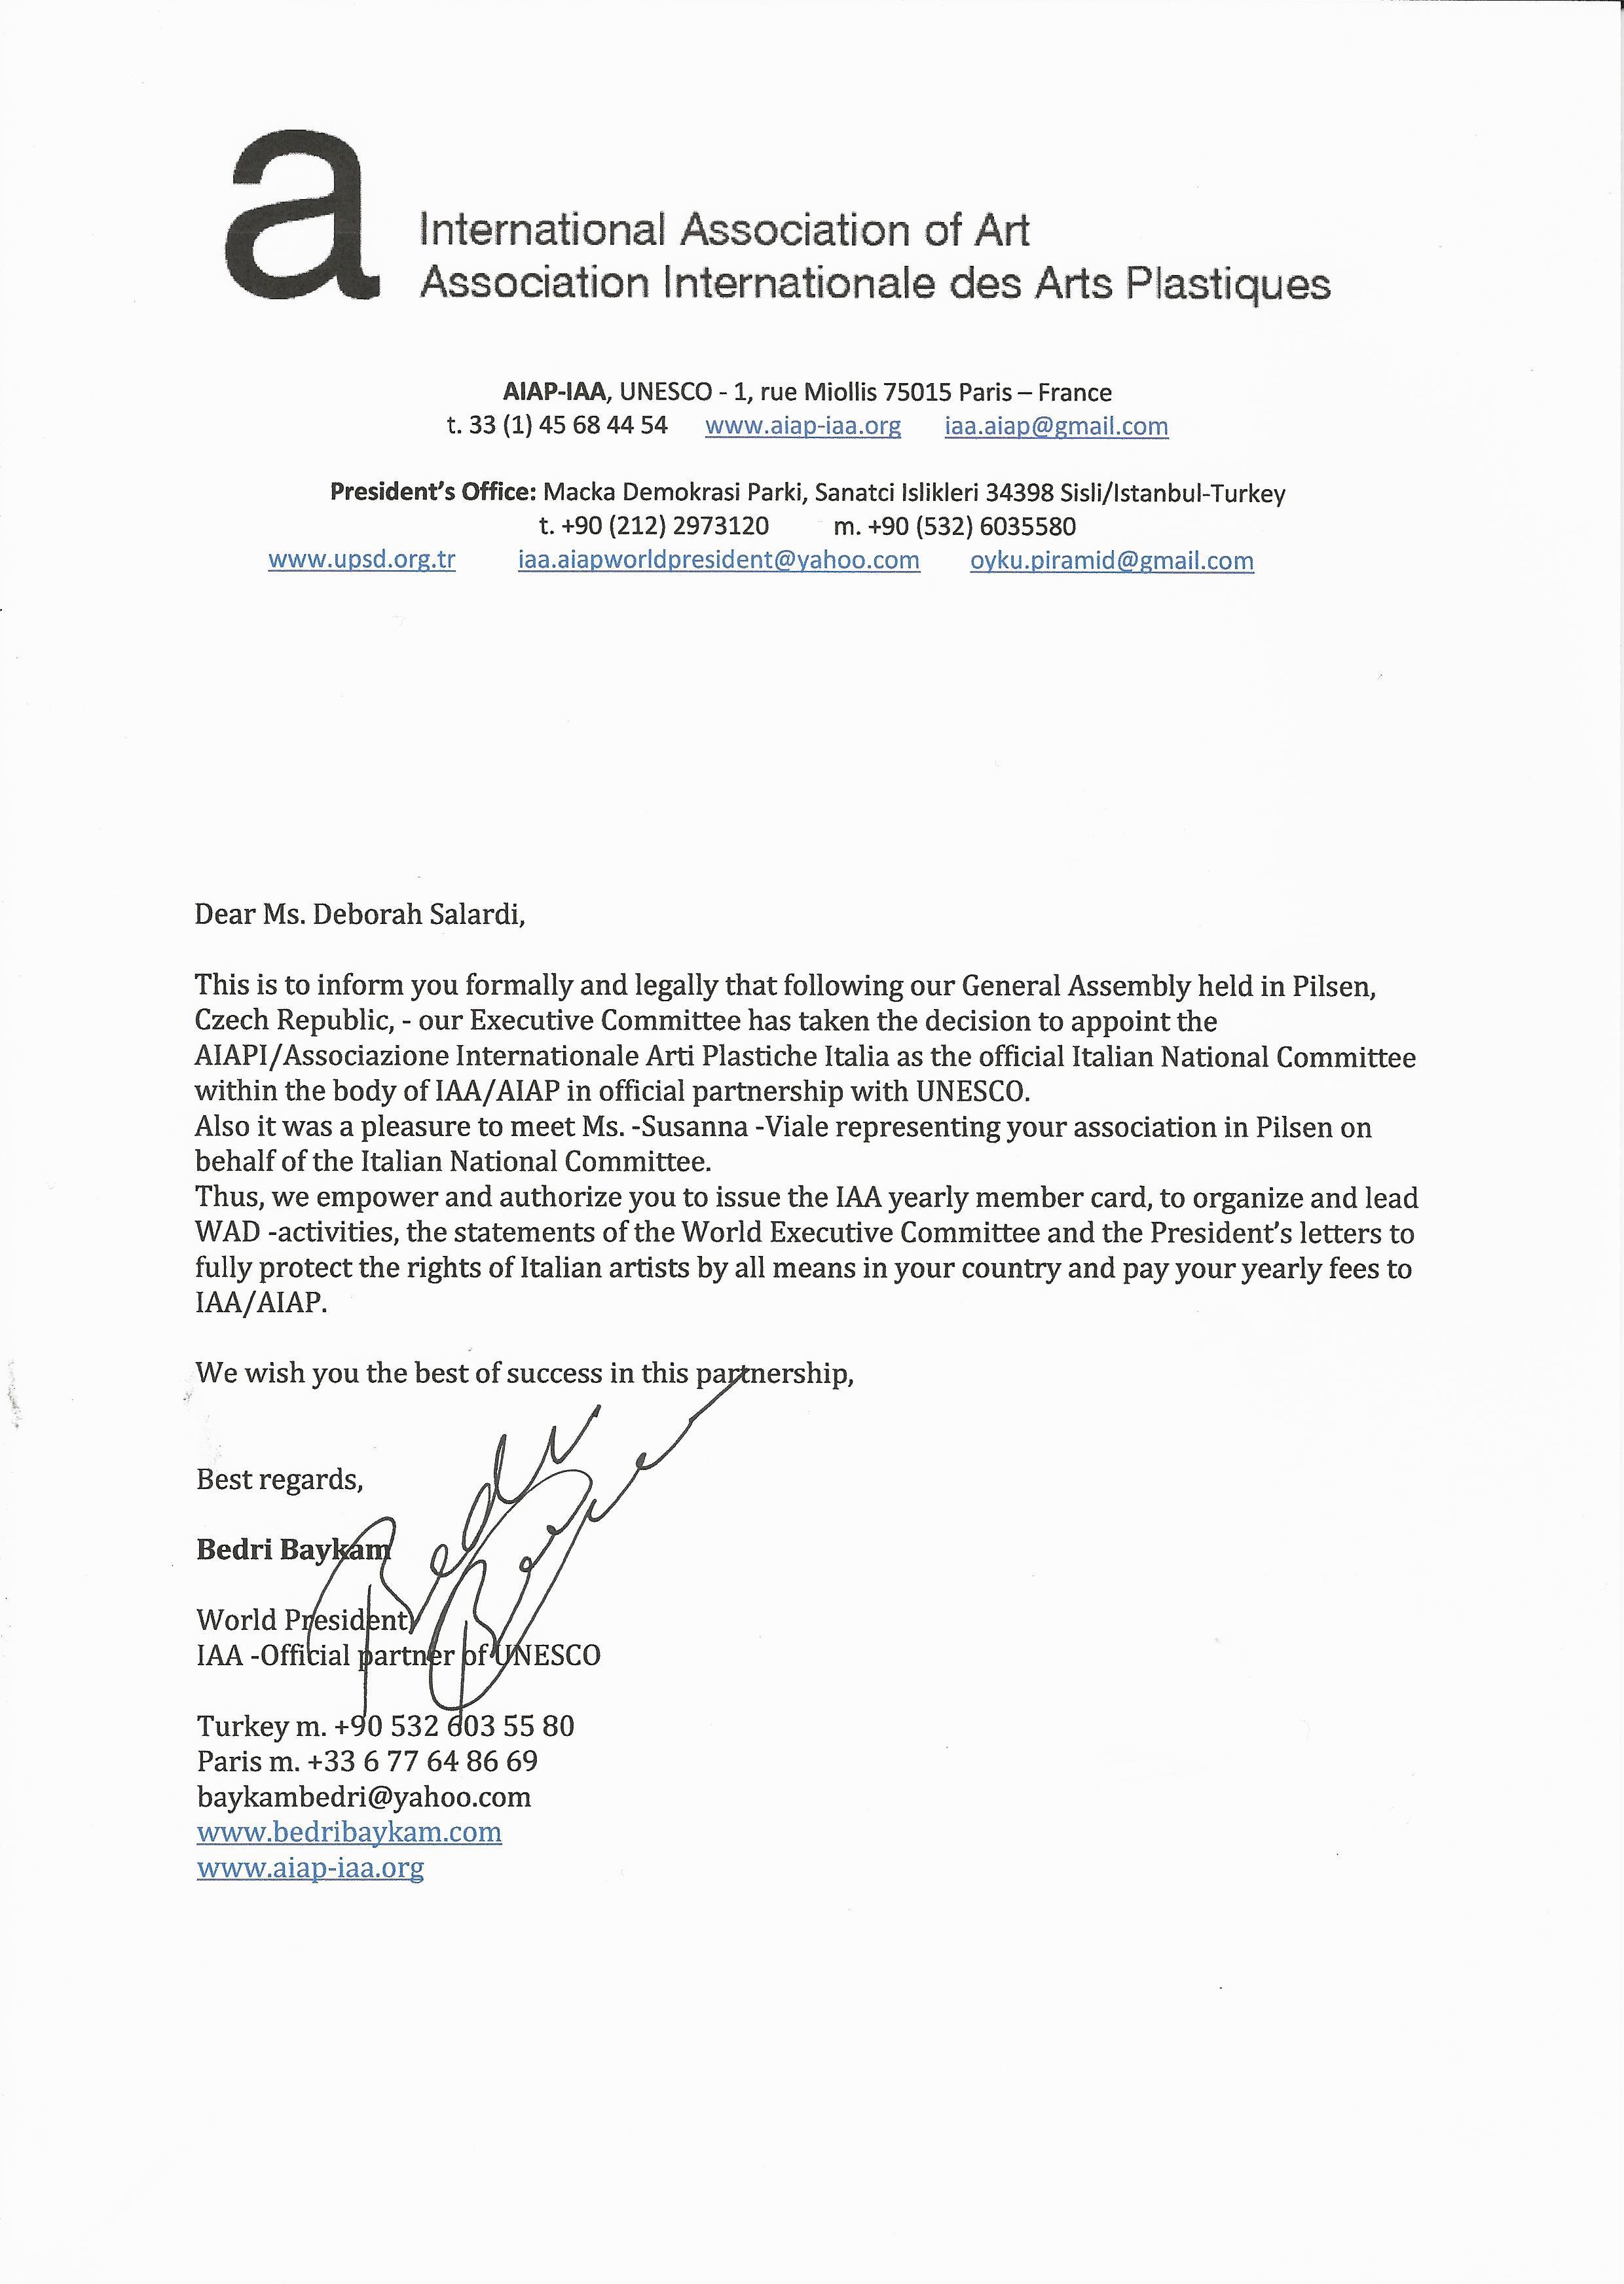 Nomina Ufficiale AIAPI